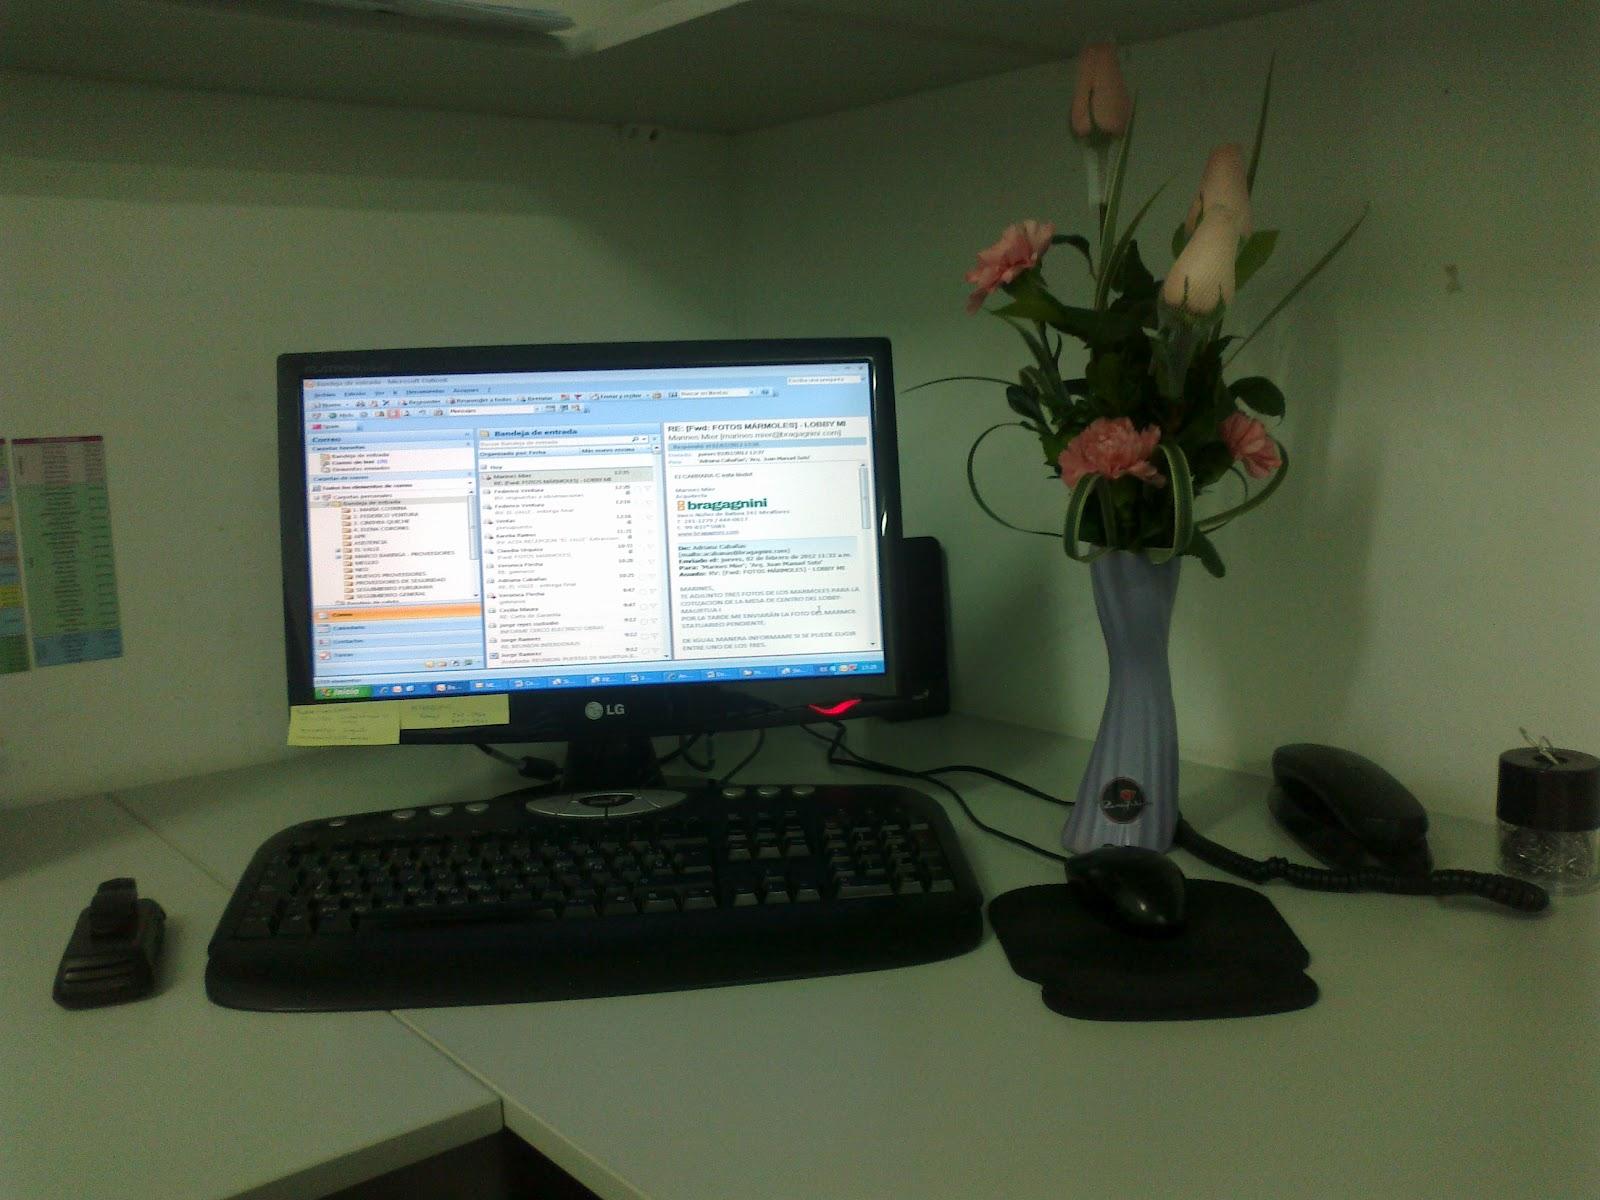 Adriana jos luis mi escritorio de trabajo - Escritorio de trabajo ...